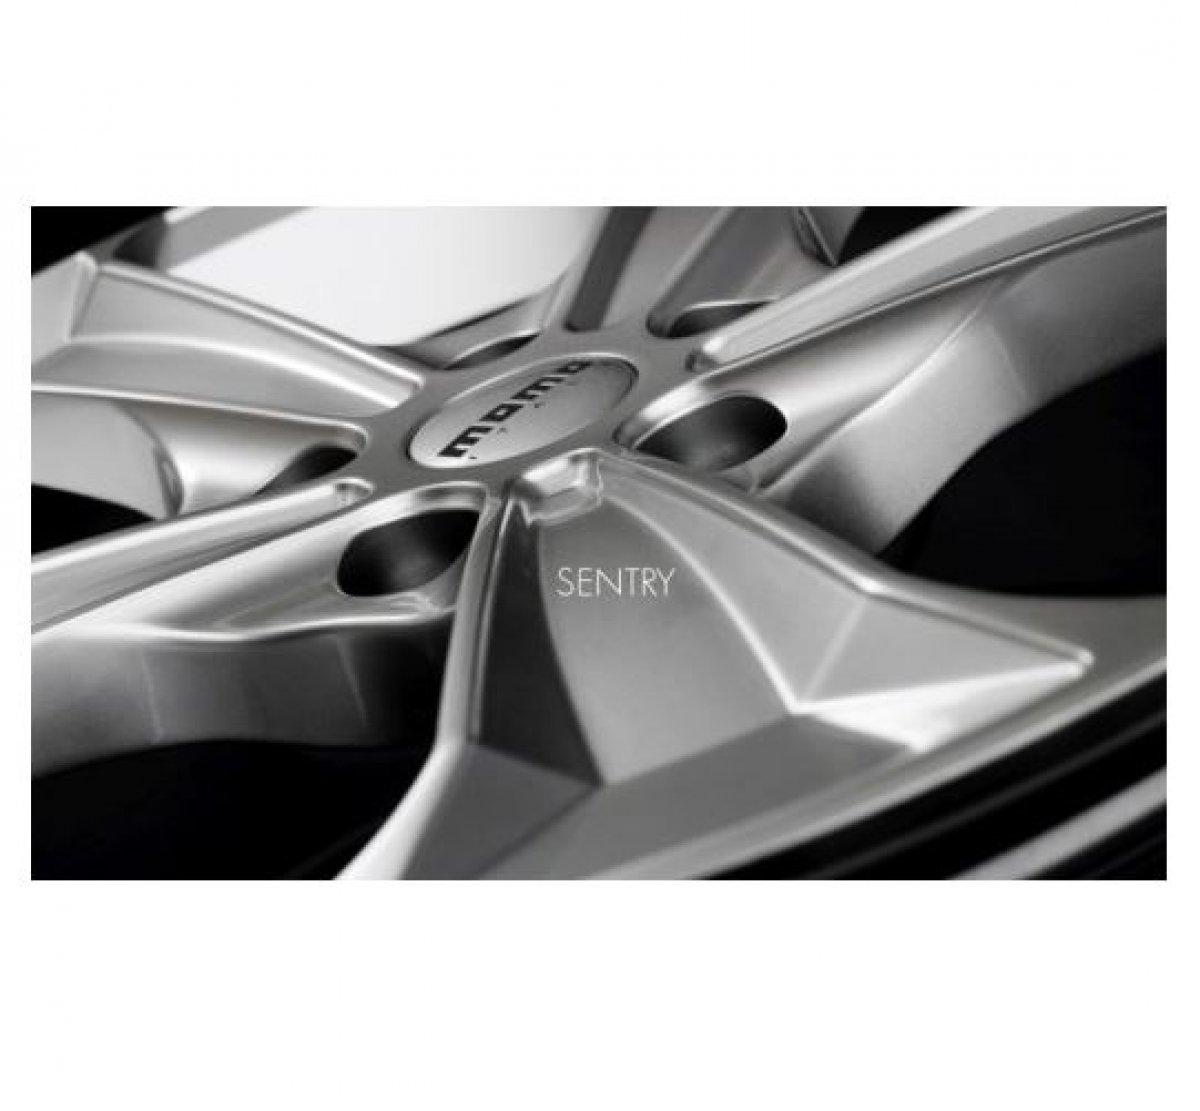 FELGI MOMO SENTRY 5X114,3 Honda CRv Toyota RAV4 18